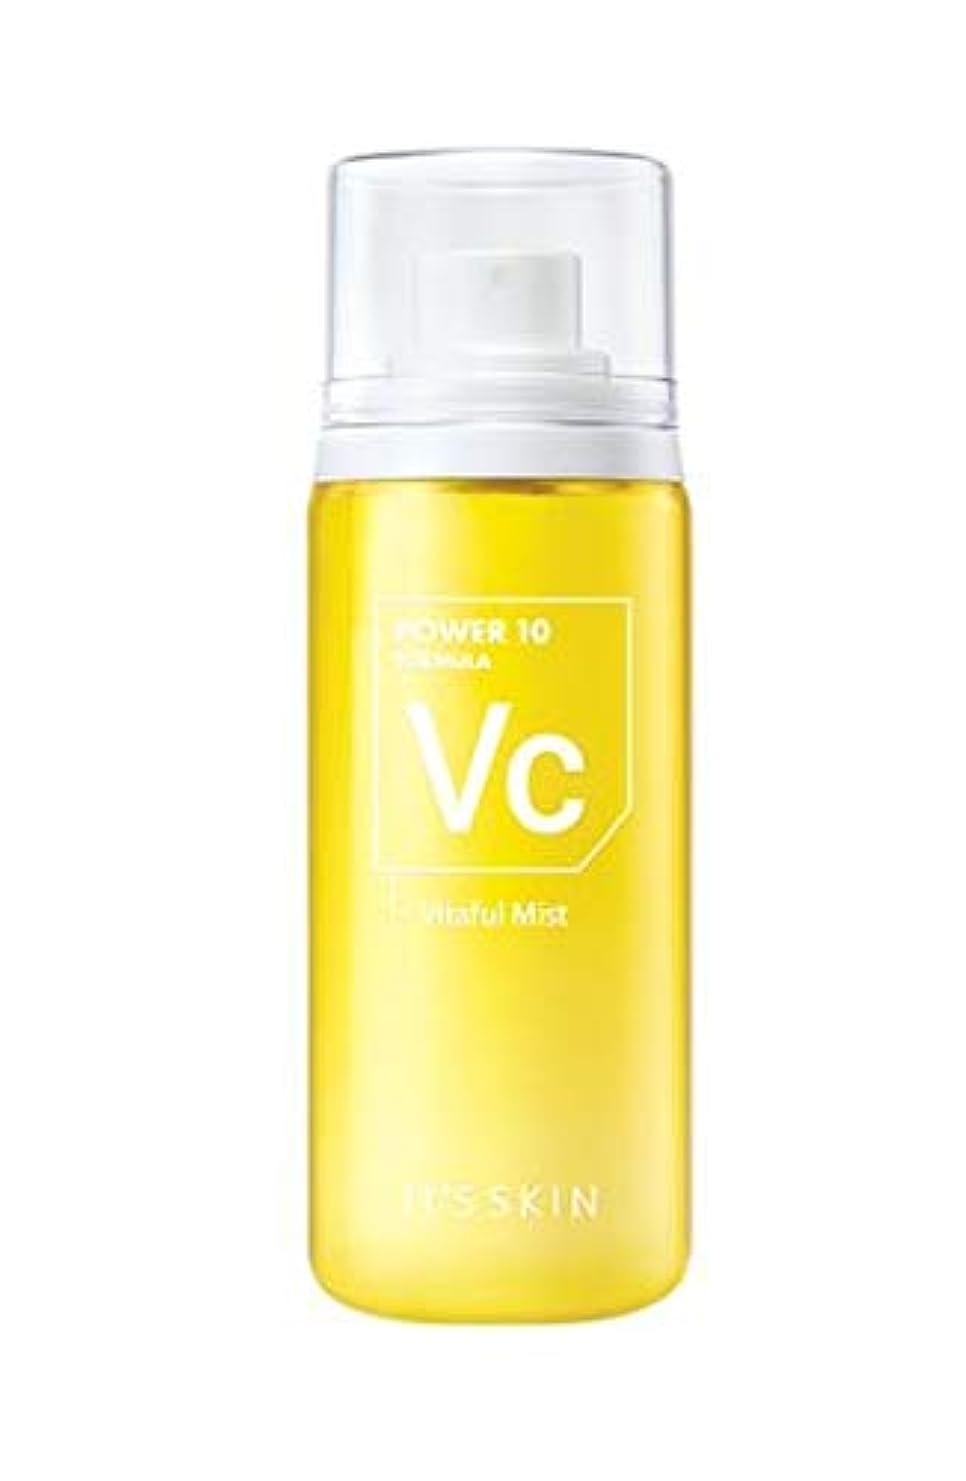 価値のない生息地年金受給者Its skin Power 10 Formula Mist Vc (Whitening) イッツスキン パワー 10 フォーミュラ ミスト Vc [並行輸入品]